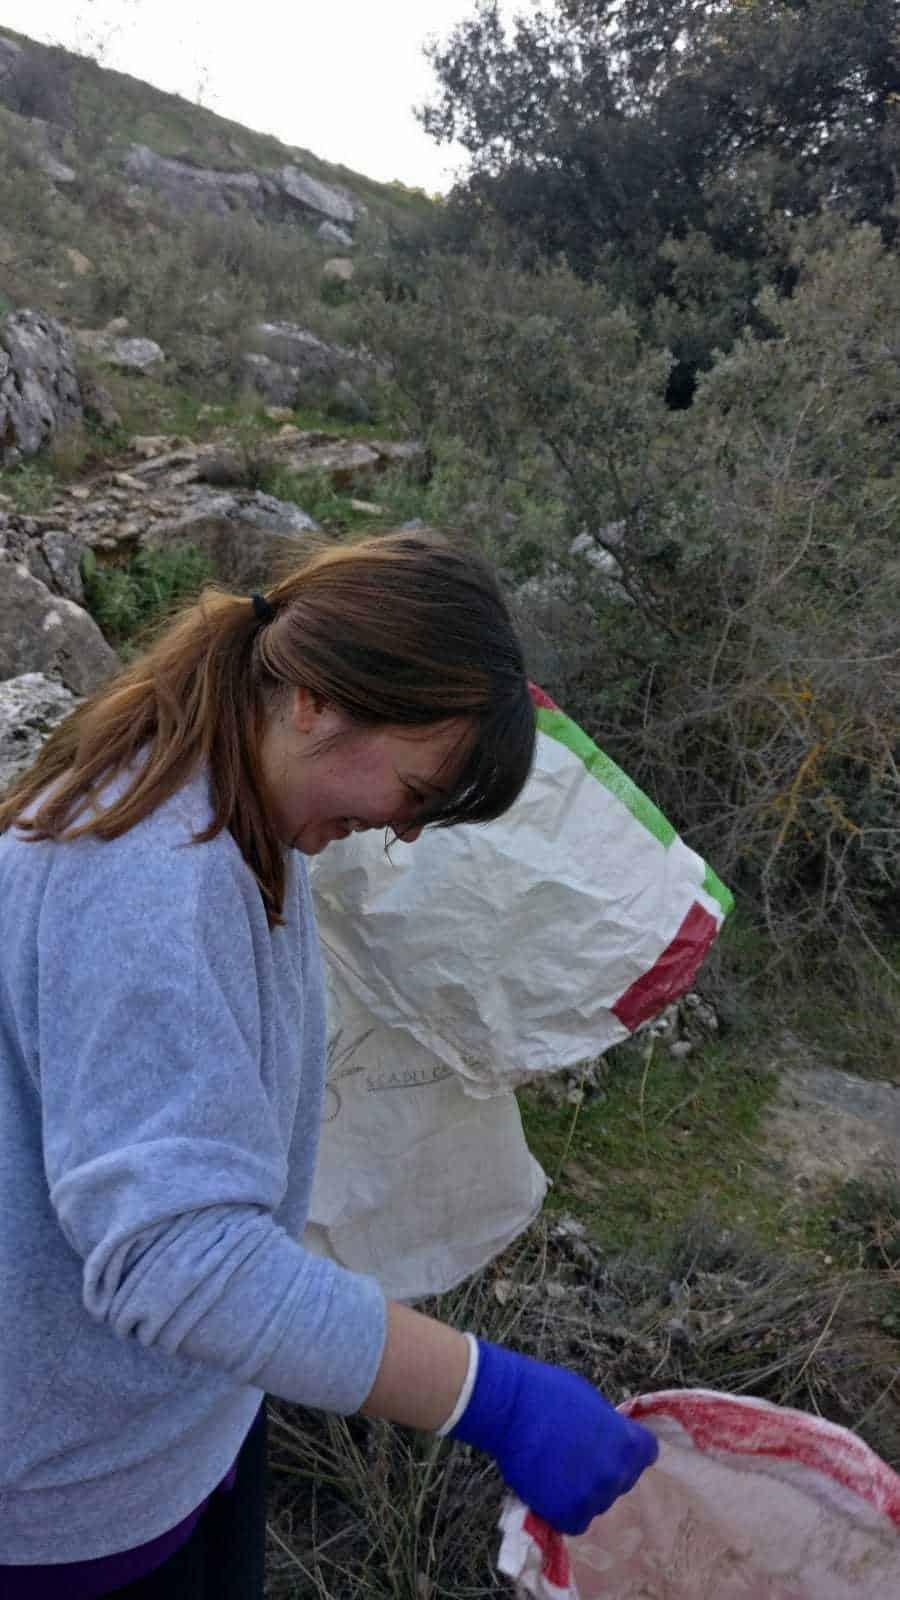 recorrida basura eco conciencia (16)